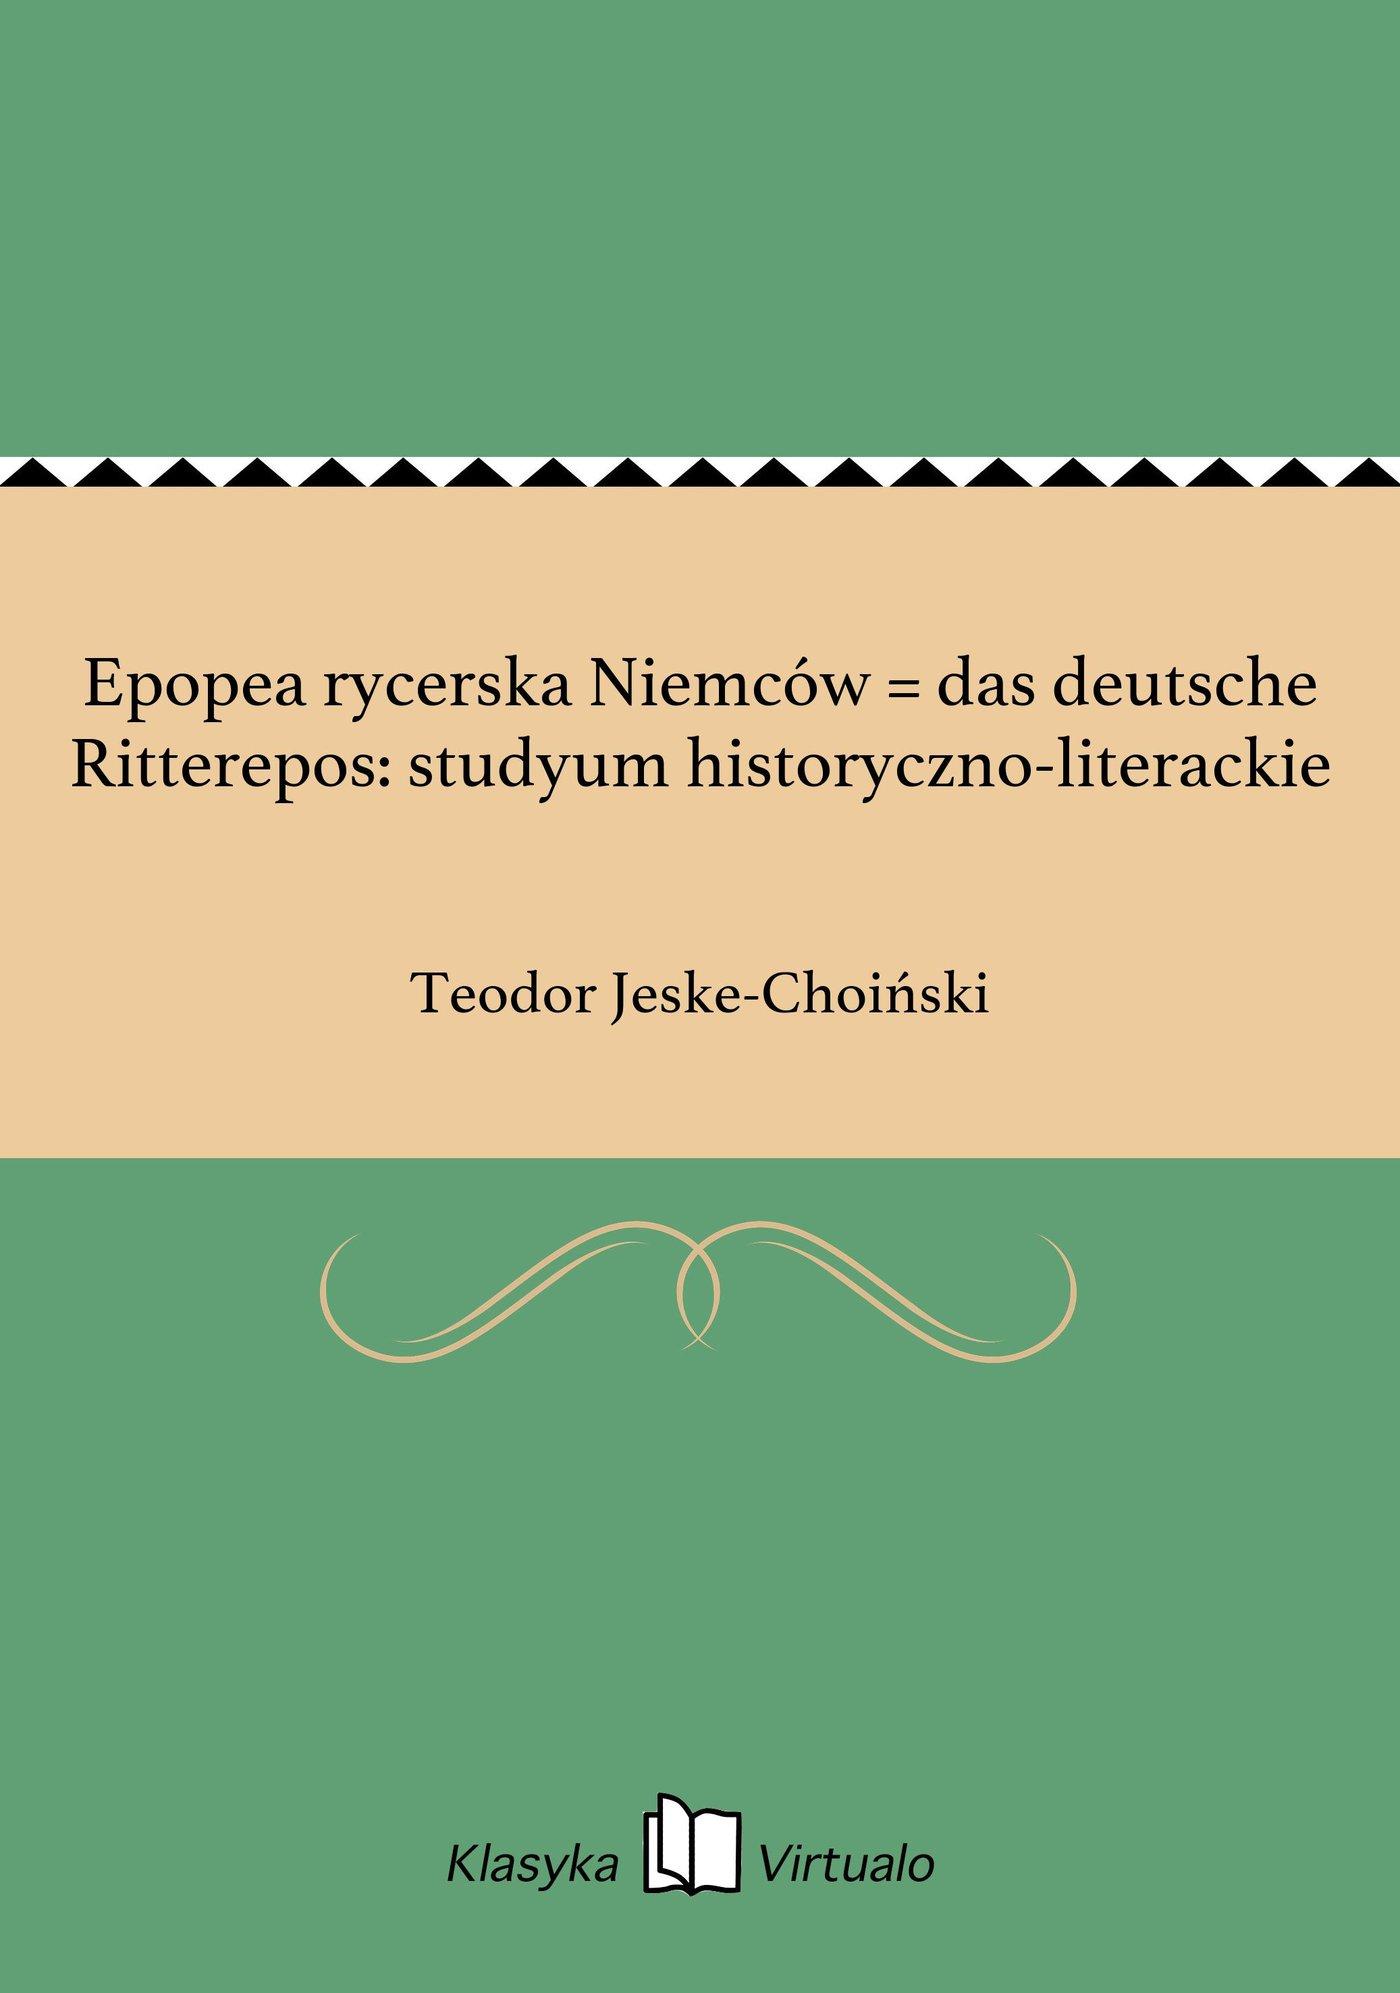 Epopea rycerska Niemców = das deutsche Ritterepos: studyum historyczno-literackie - Ebook (Książka EPUB) do pobrania w formacie EPUB